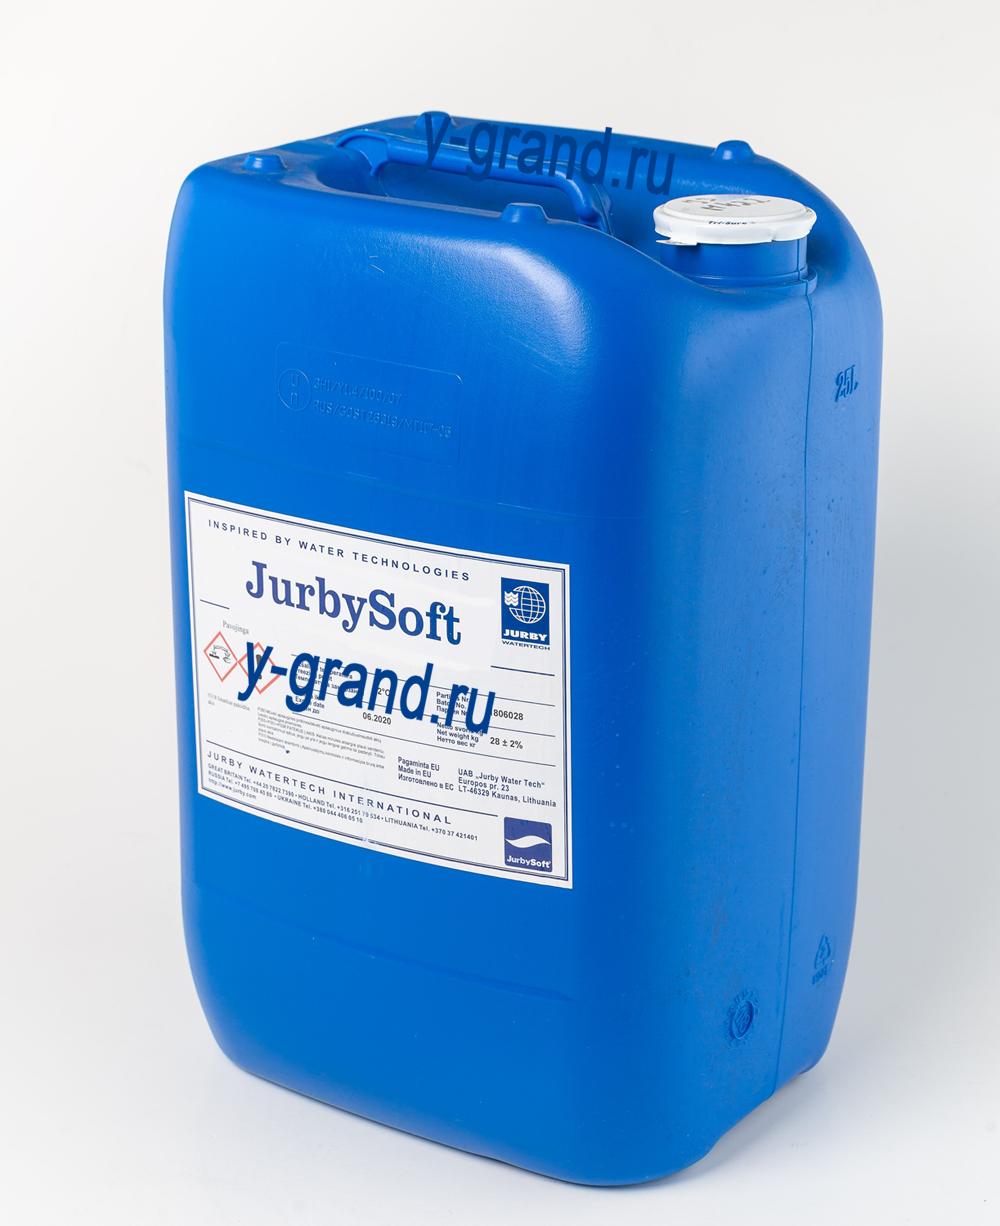 JurbySoft 80